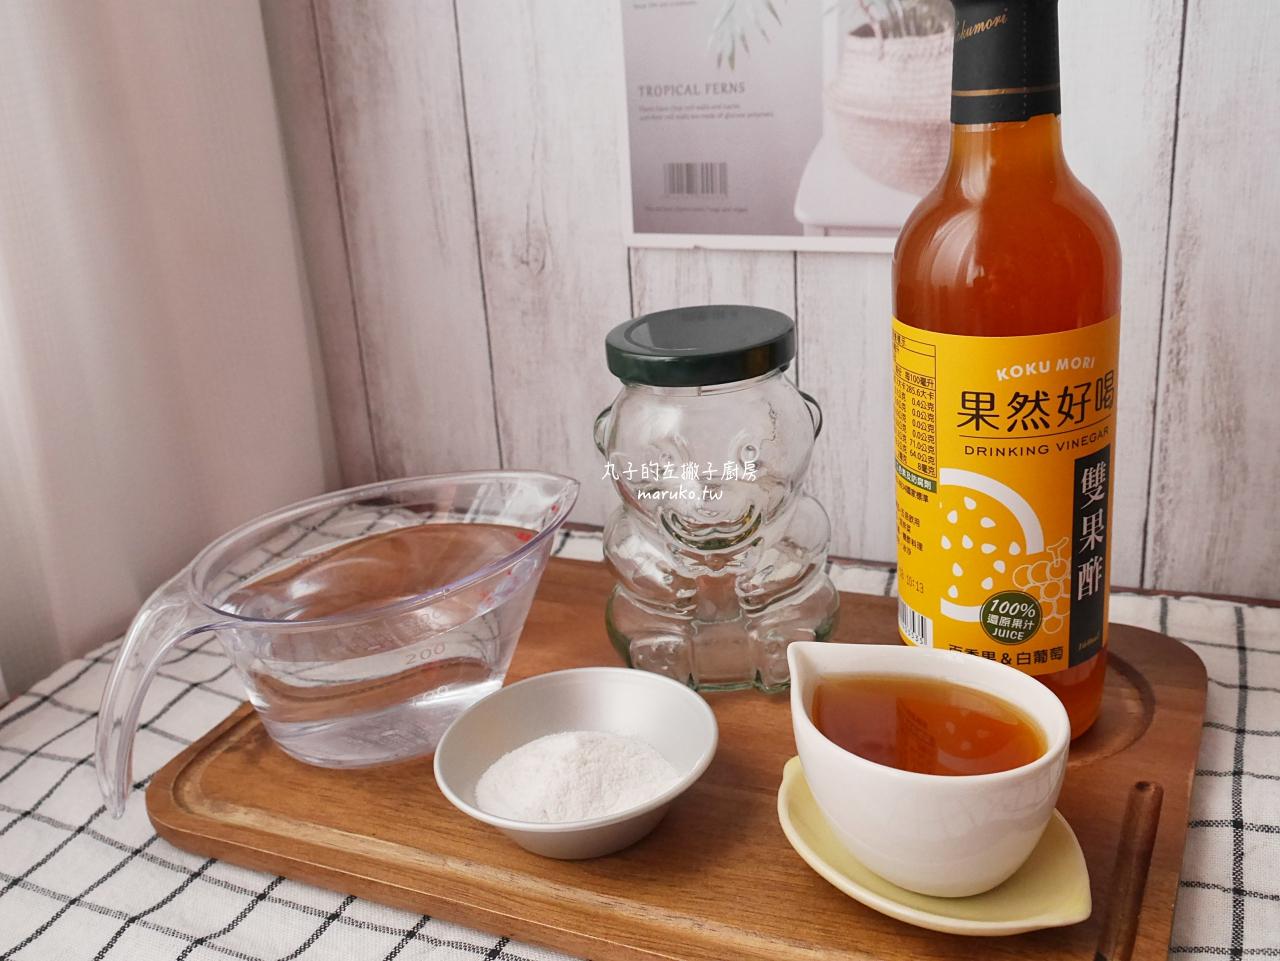 【食譜】蒟蒻麵 用果醋做醬汁 清涼消暑 鮮蝦蒟蒻冷麵做法 穀盛 果然好喝 雙果酢 推薦 @Maruko與美食有個約會